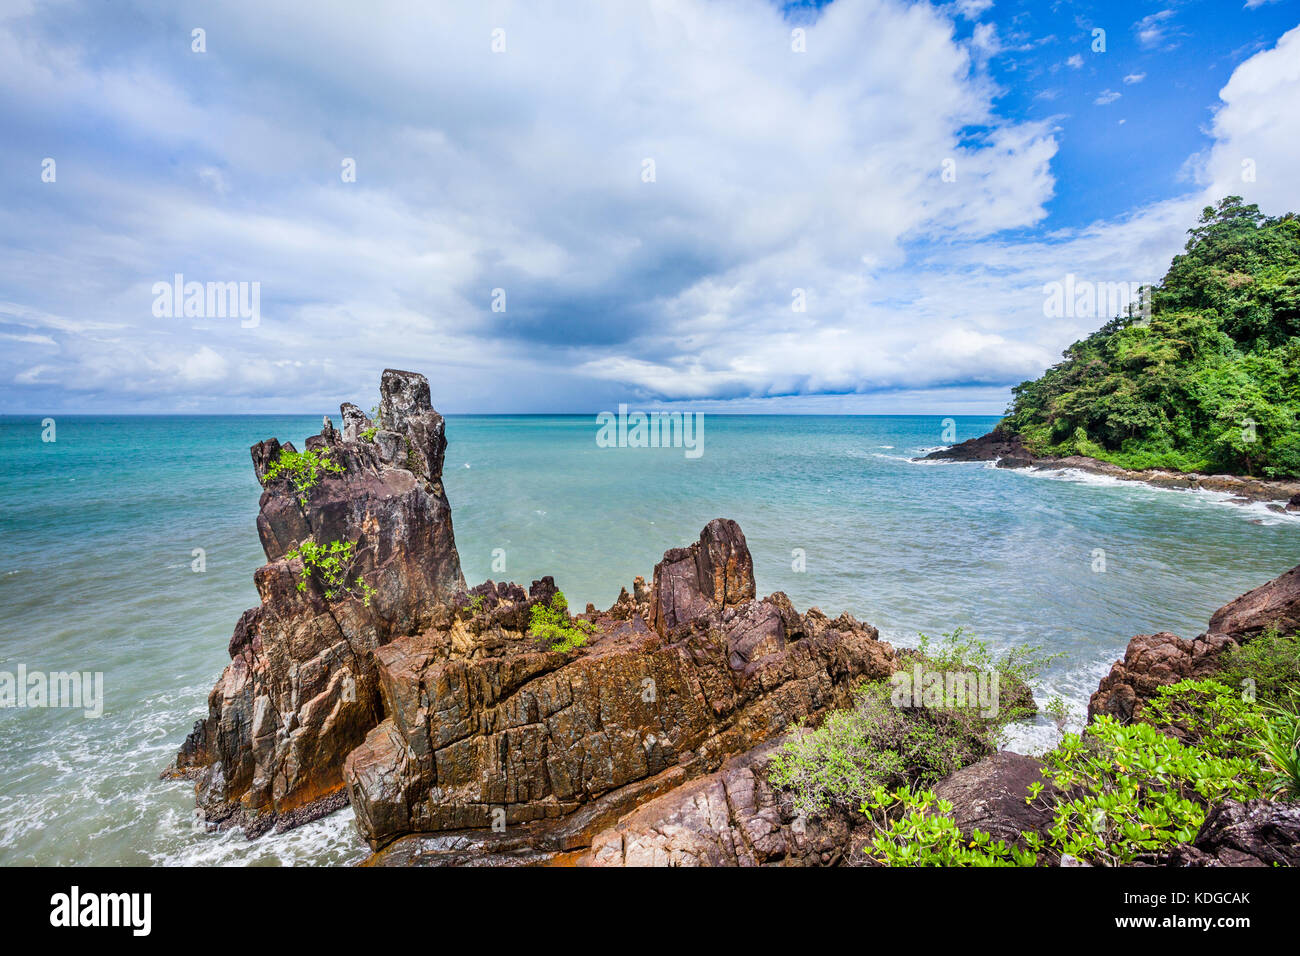 Thailandia, Trat Provincia, isola tropicale di Koh Chang nel Golfo della Thailandia, il promontorio roccioso di Immagini Stock